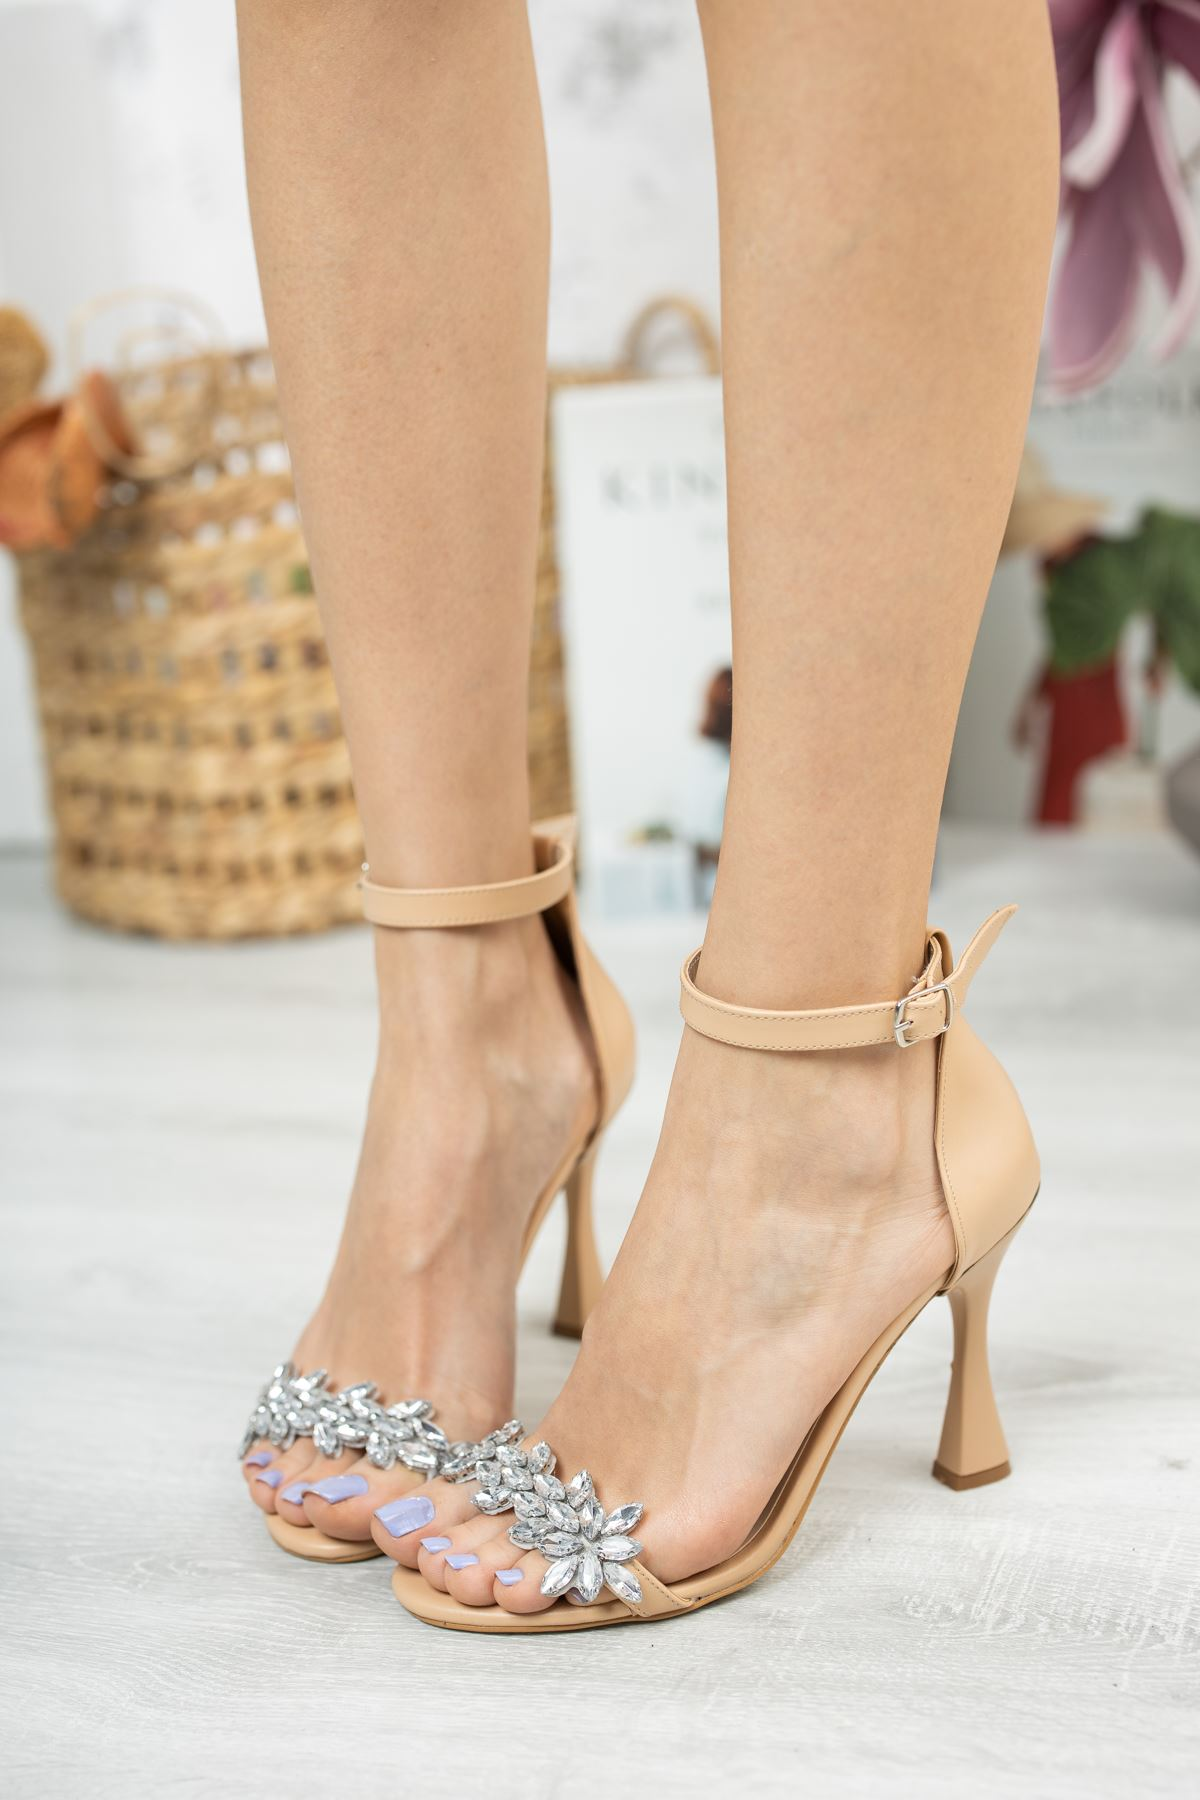 Nude Cilt Taş Detaylı İnce Topuklu Ayakkabı